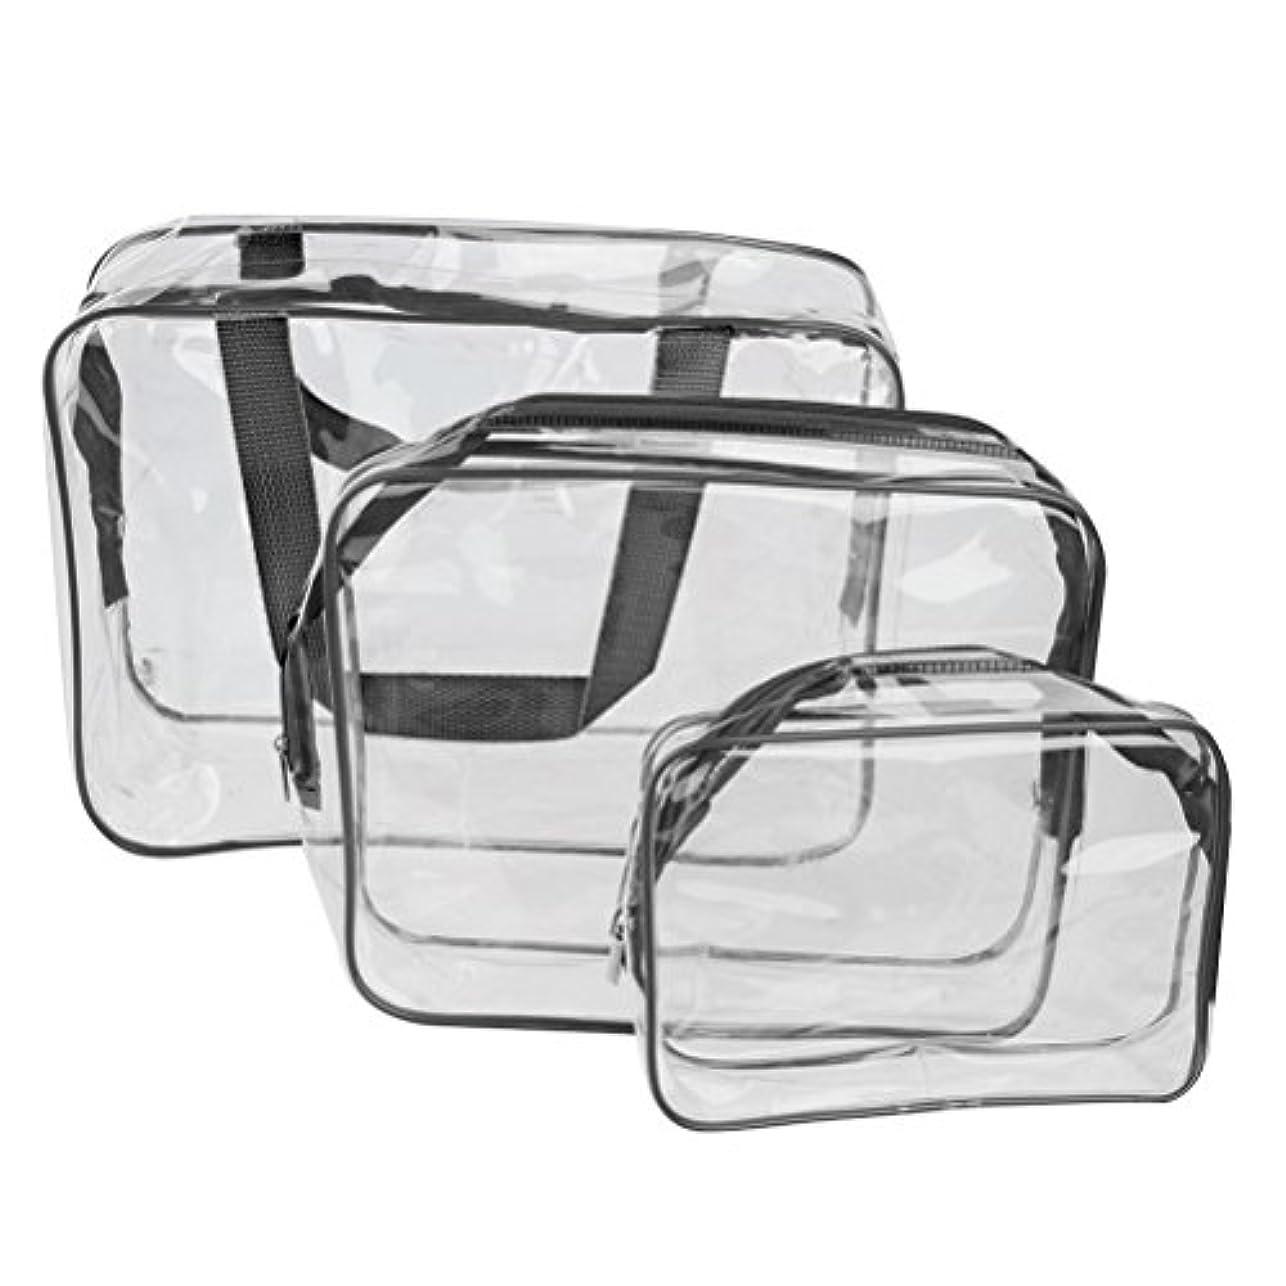 不純保存する財布ROSENICE 旅行出張用 透明化粧品バッグ ブラック